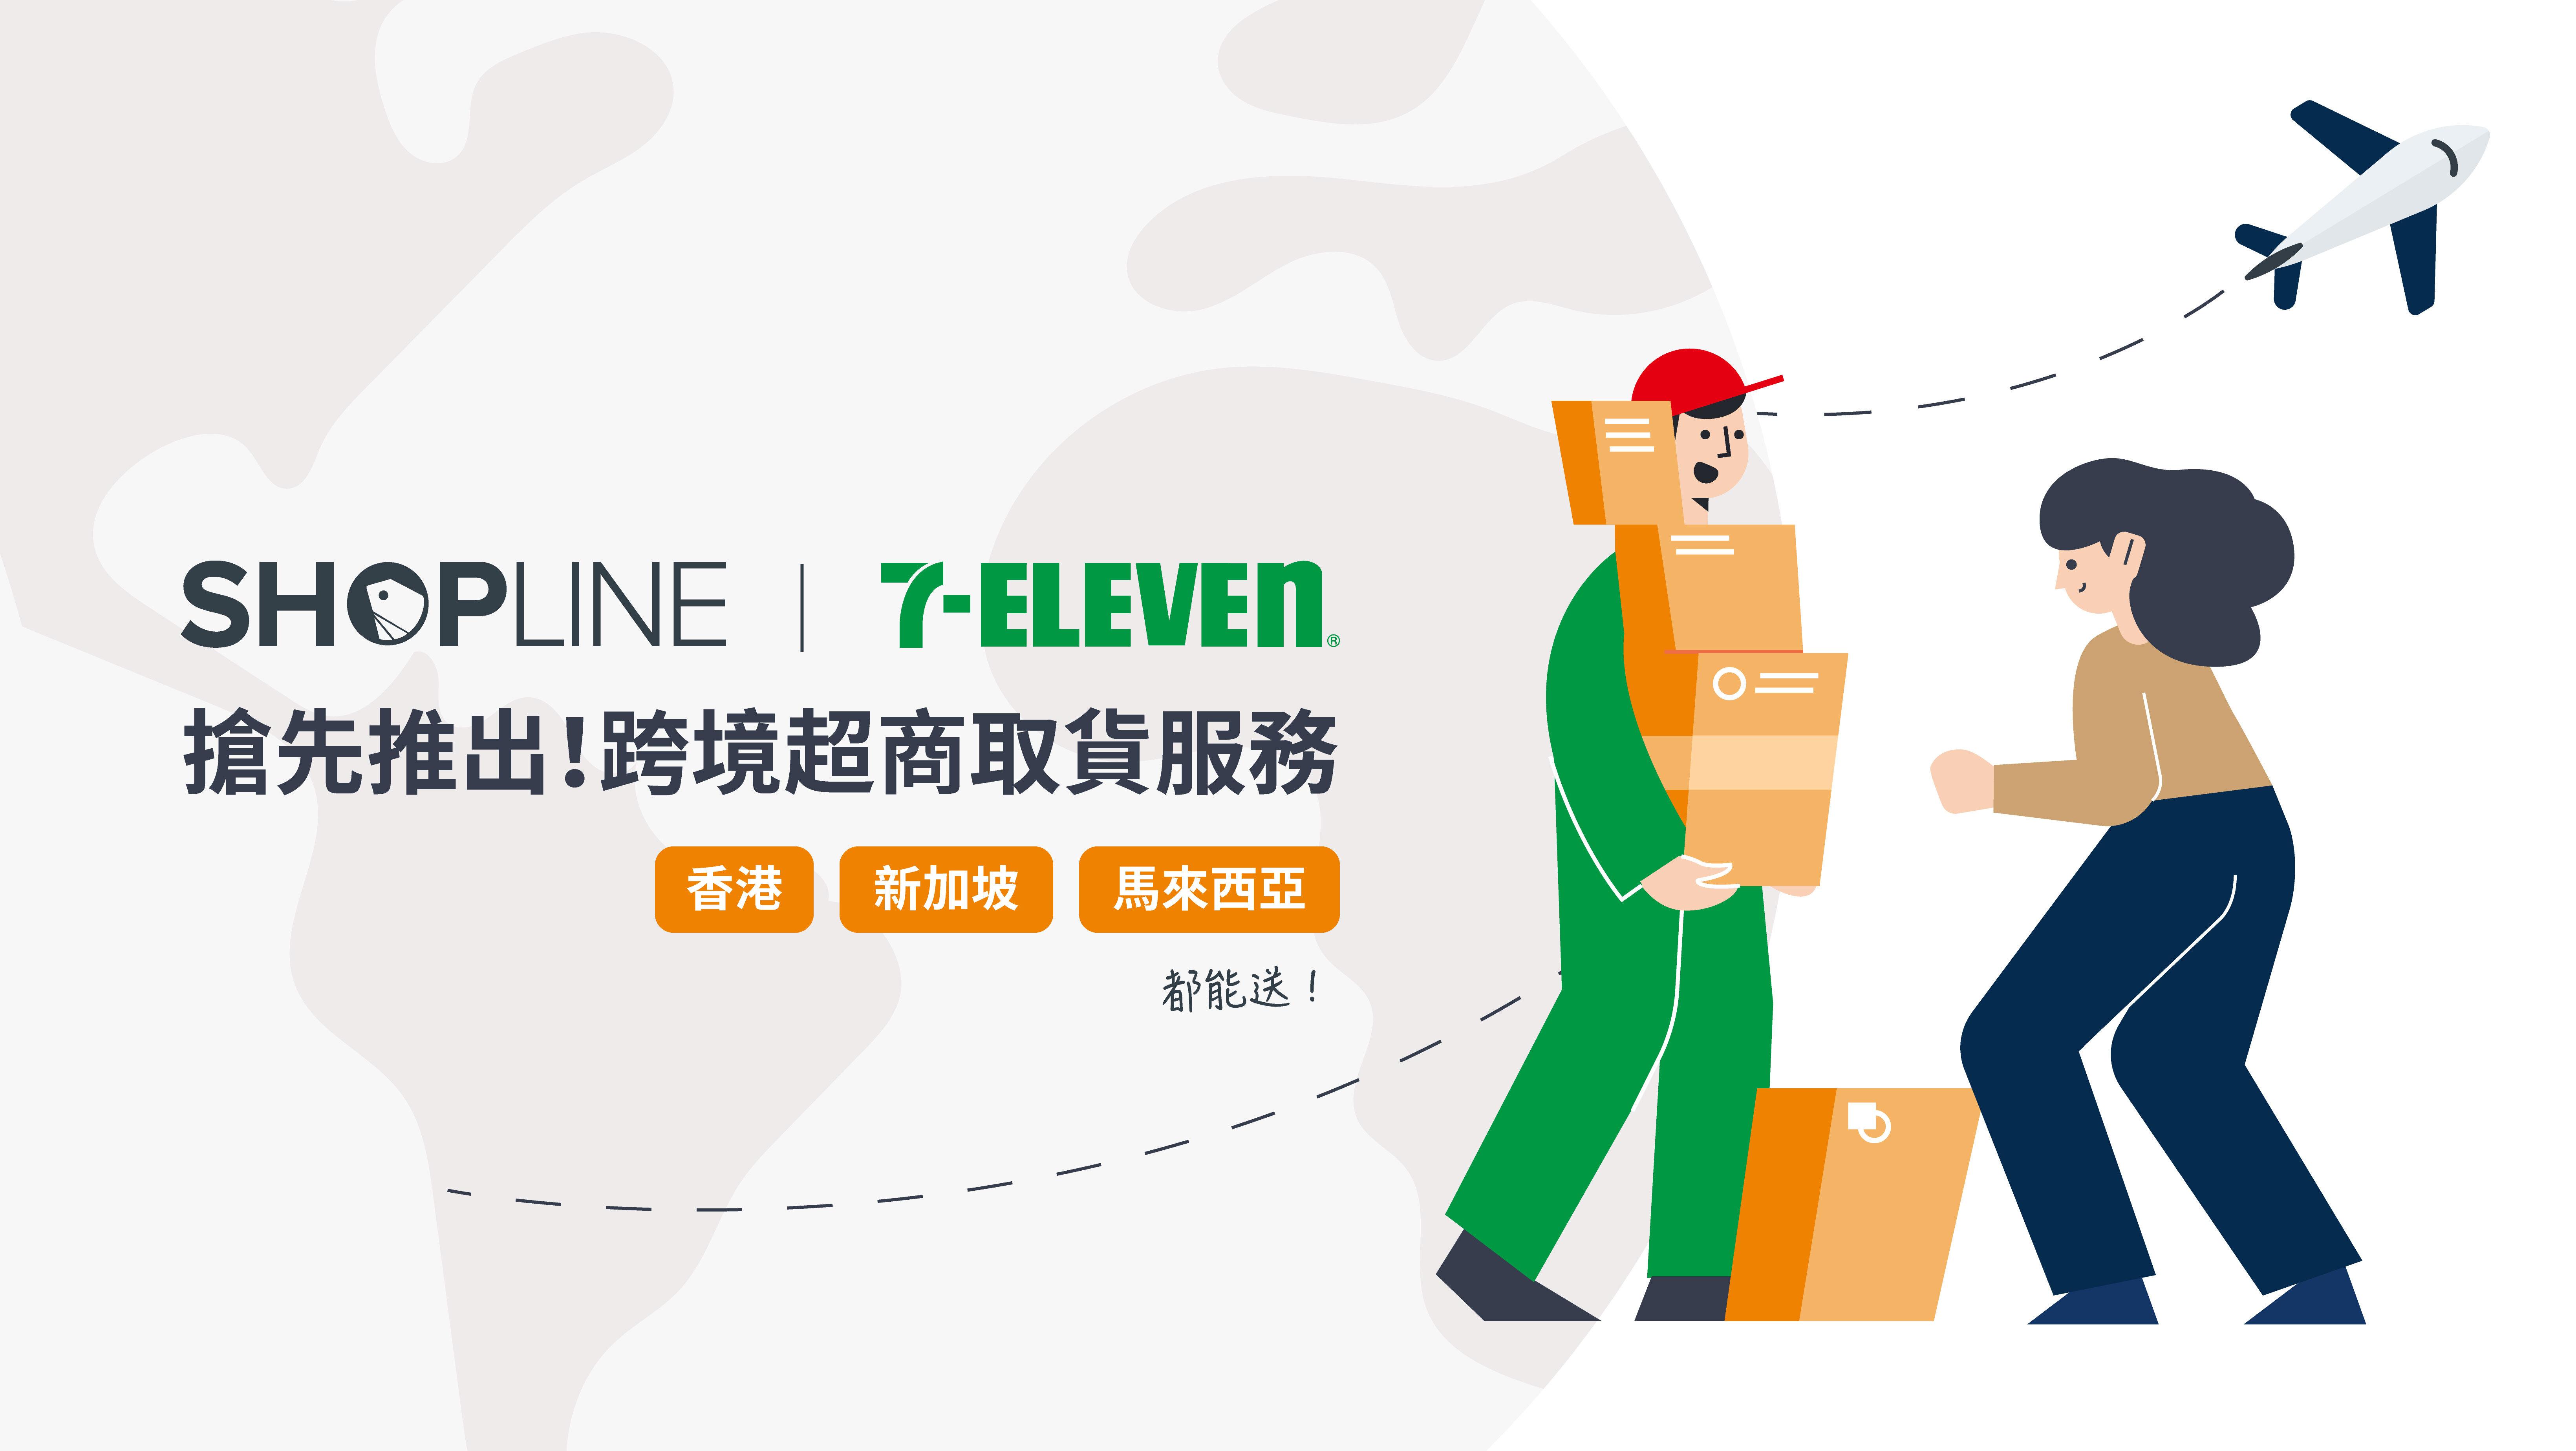 SHOPLINE 推 7 – ELEVEN 跨境超取服務近 3,000 間門市最快 3 天到貨